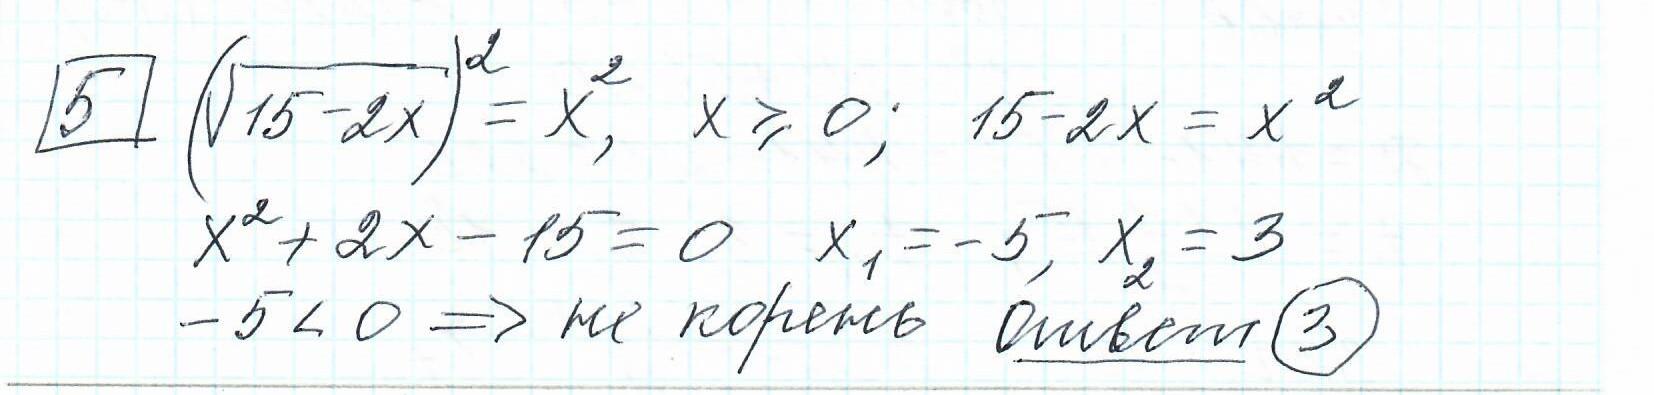 Задние 5, Вариант 5, решение и ответ - Ященко ЕГЭ 2019 математика профиль 36 вариантов